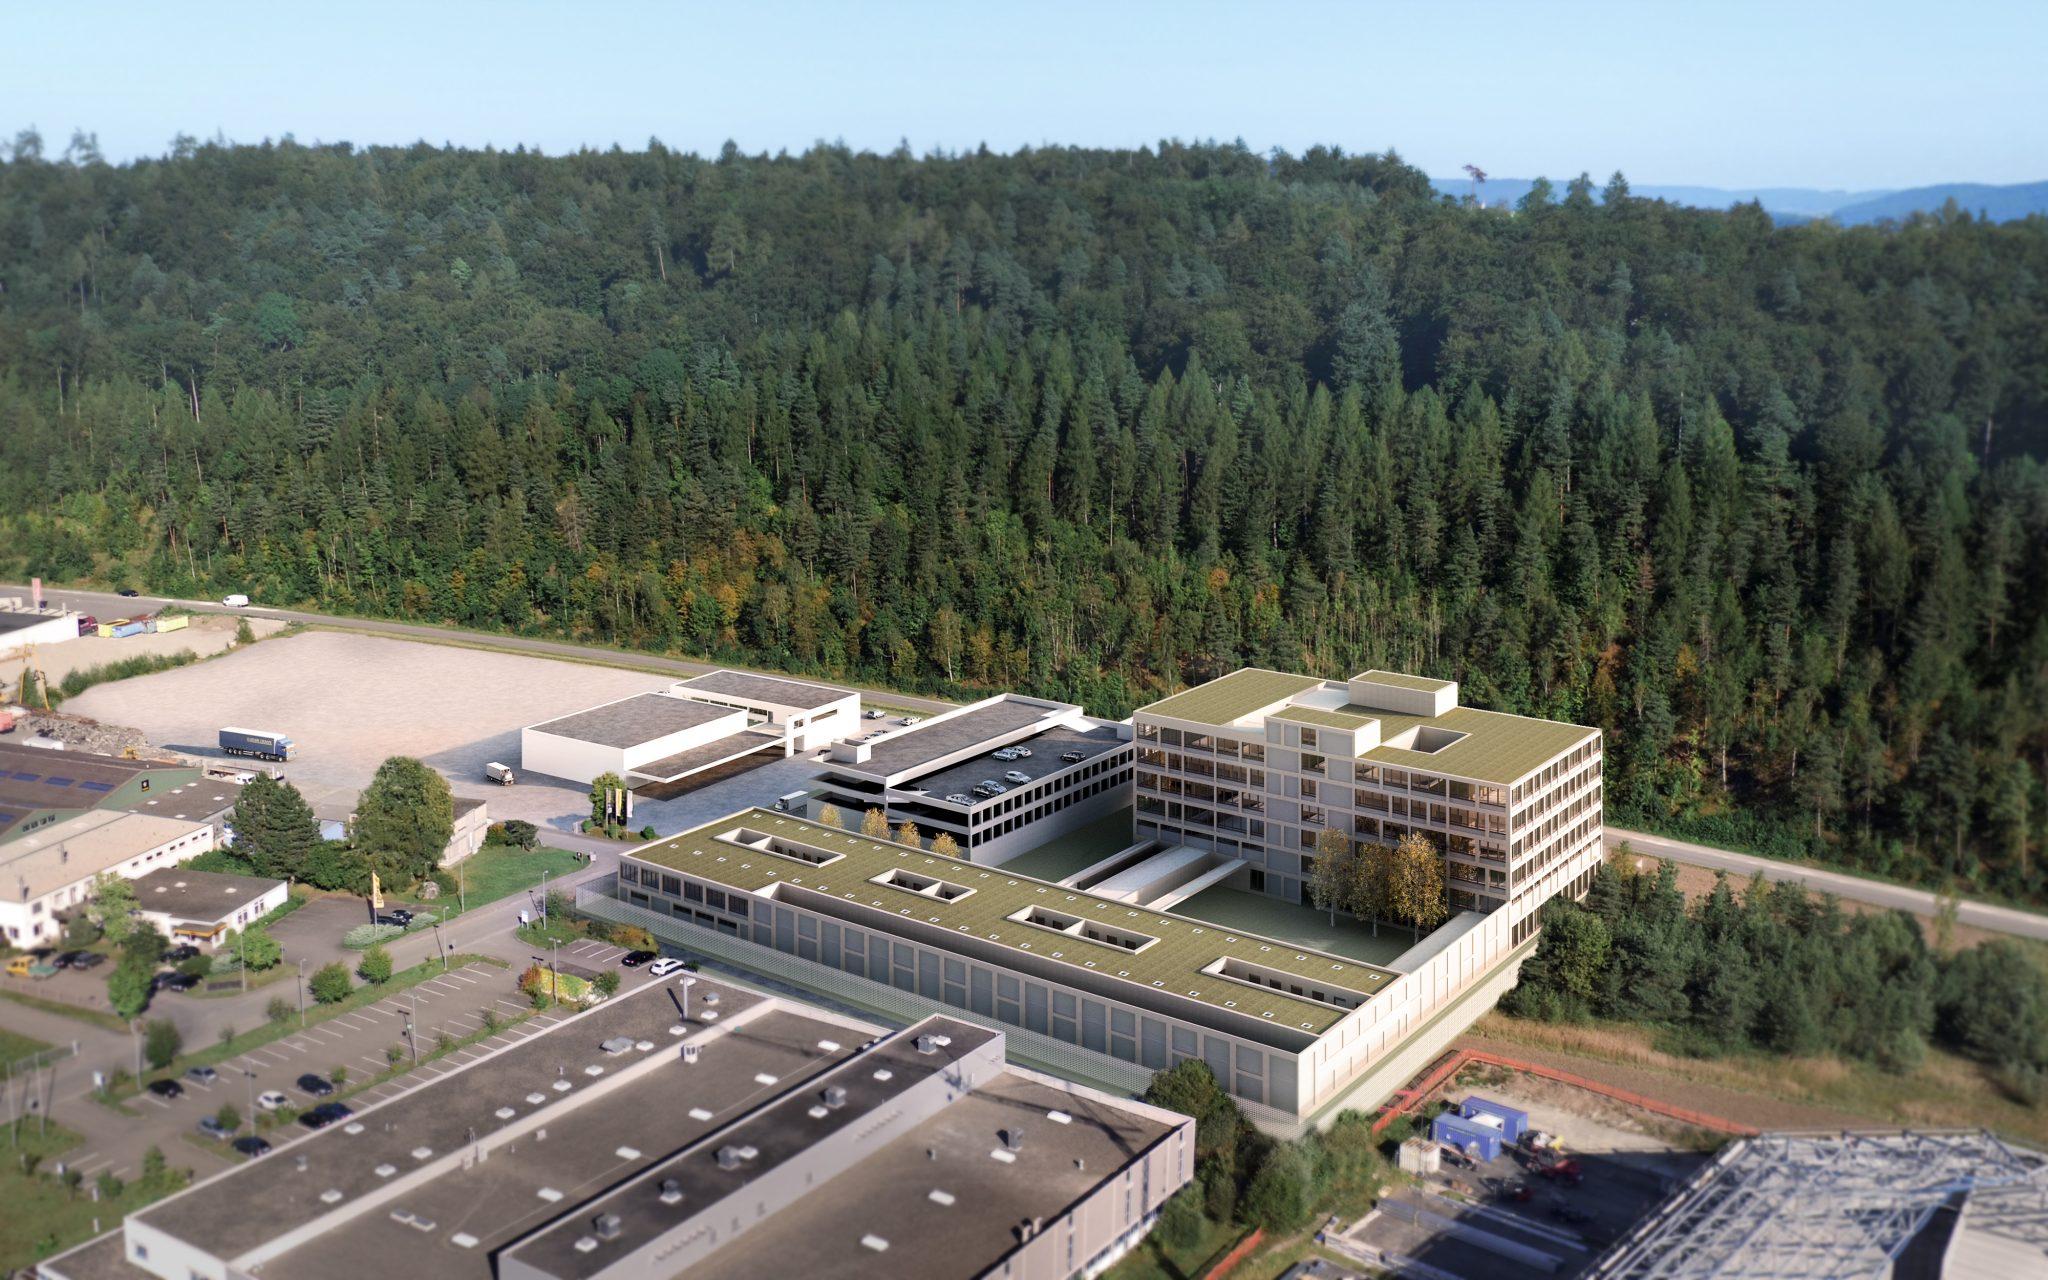 Das geplante Sicherheitszentrum im Herblingertal. Visualisierung: zVg